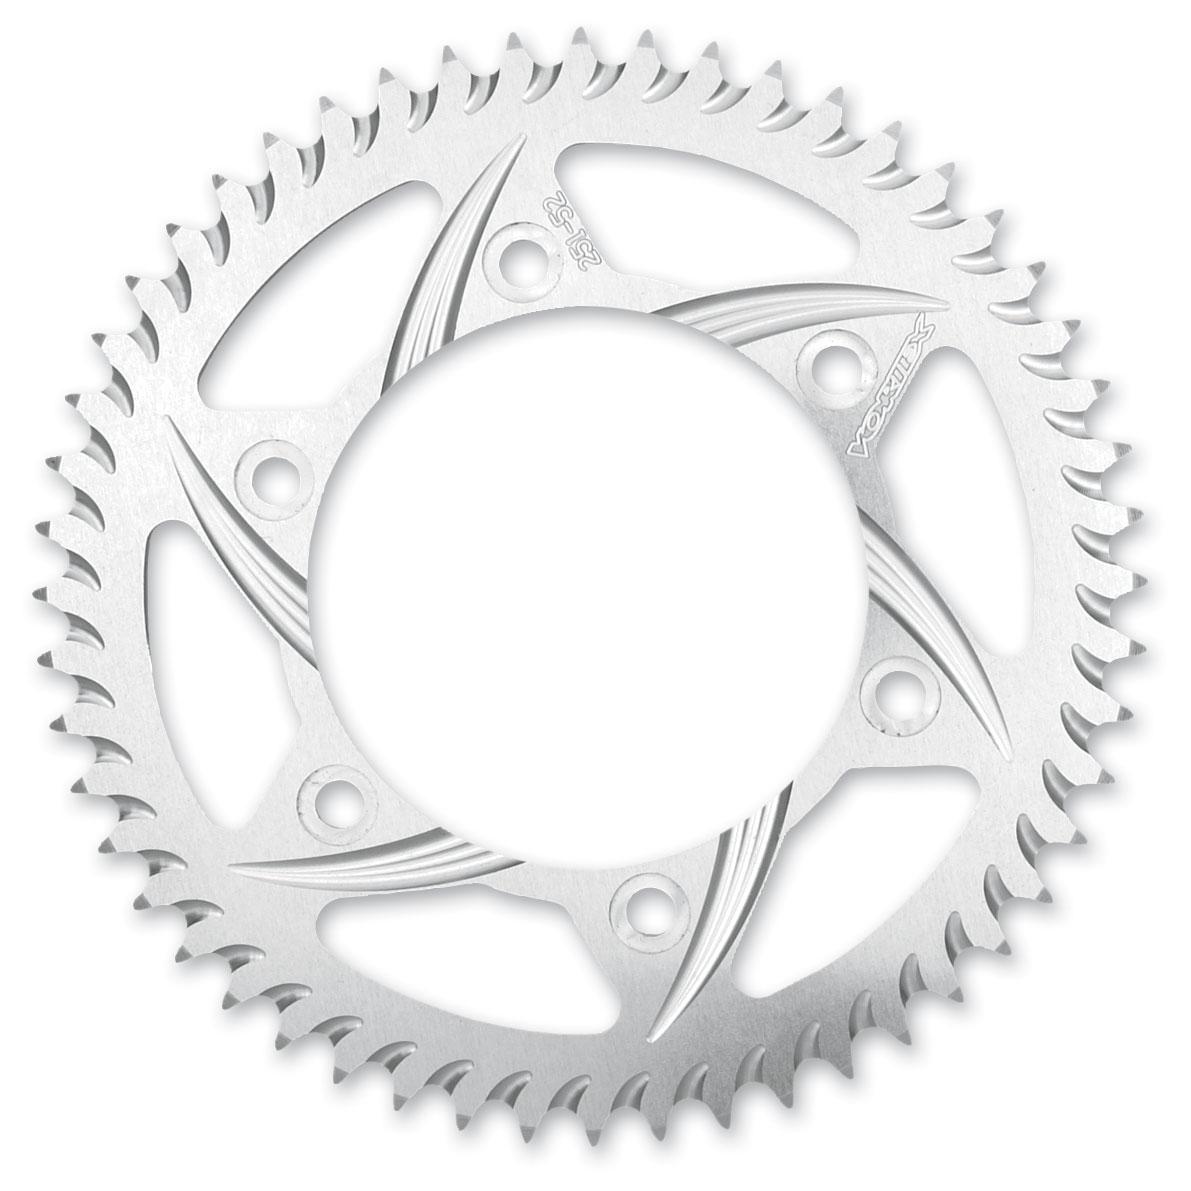 Vortex Rear Sprocket 520 Conversion 45T Silver